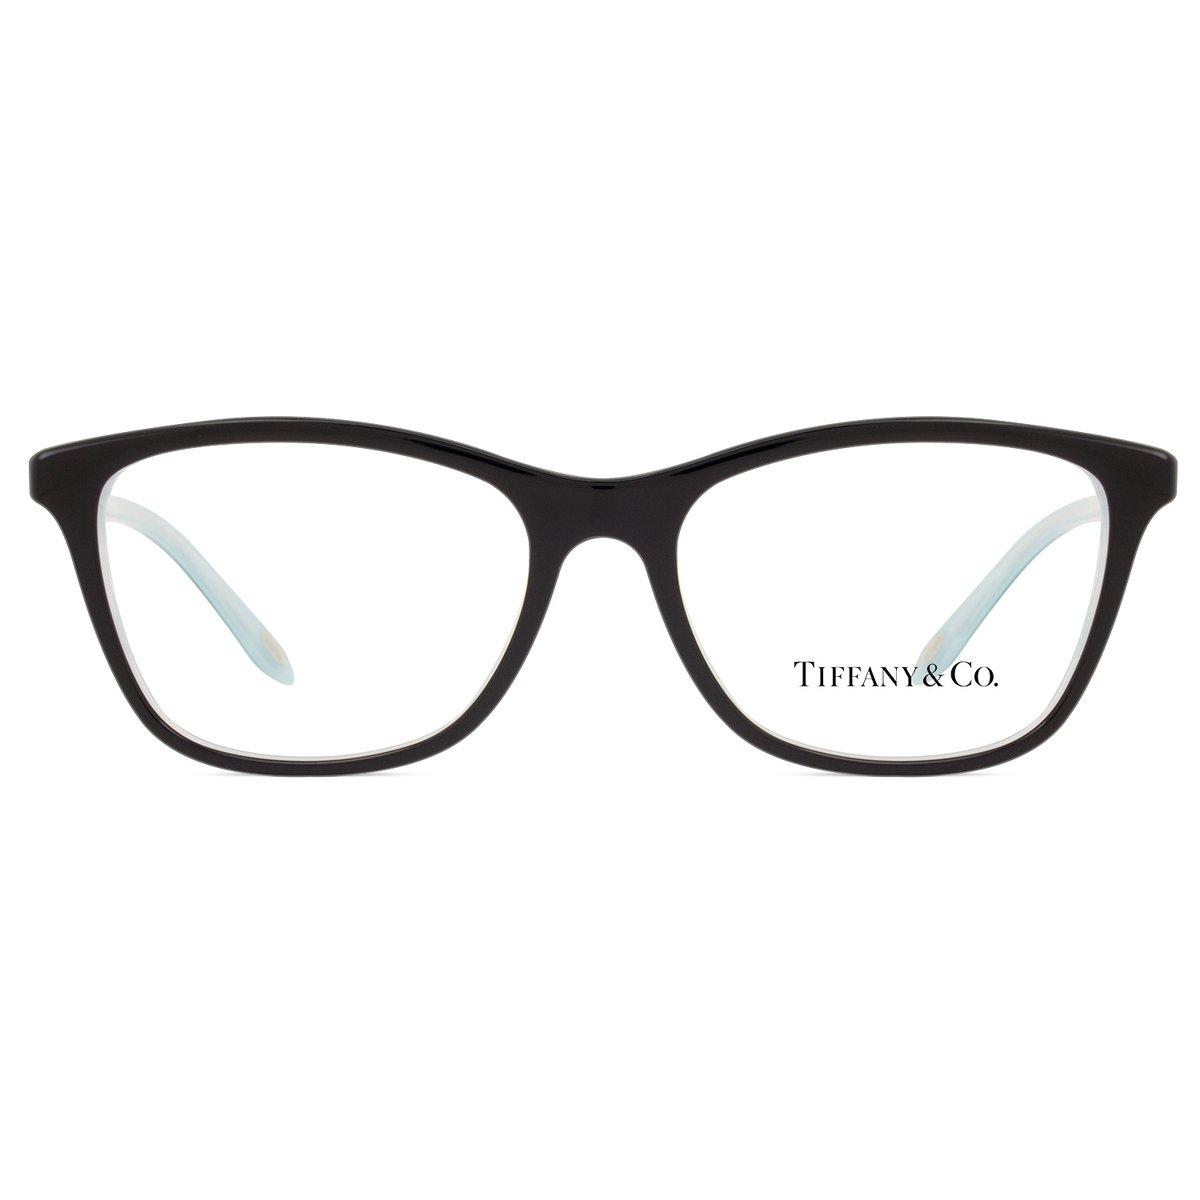 5779599c46c97 Armação Óculos de Grau Tiffany e Co TF2116B 8193-53 - Compre Agora   Zattini